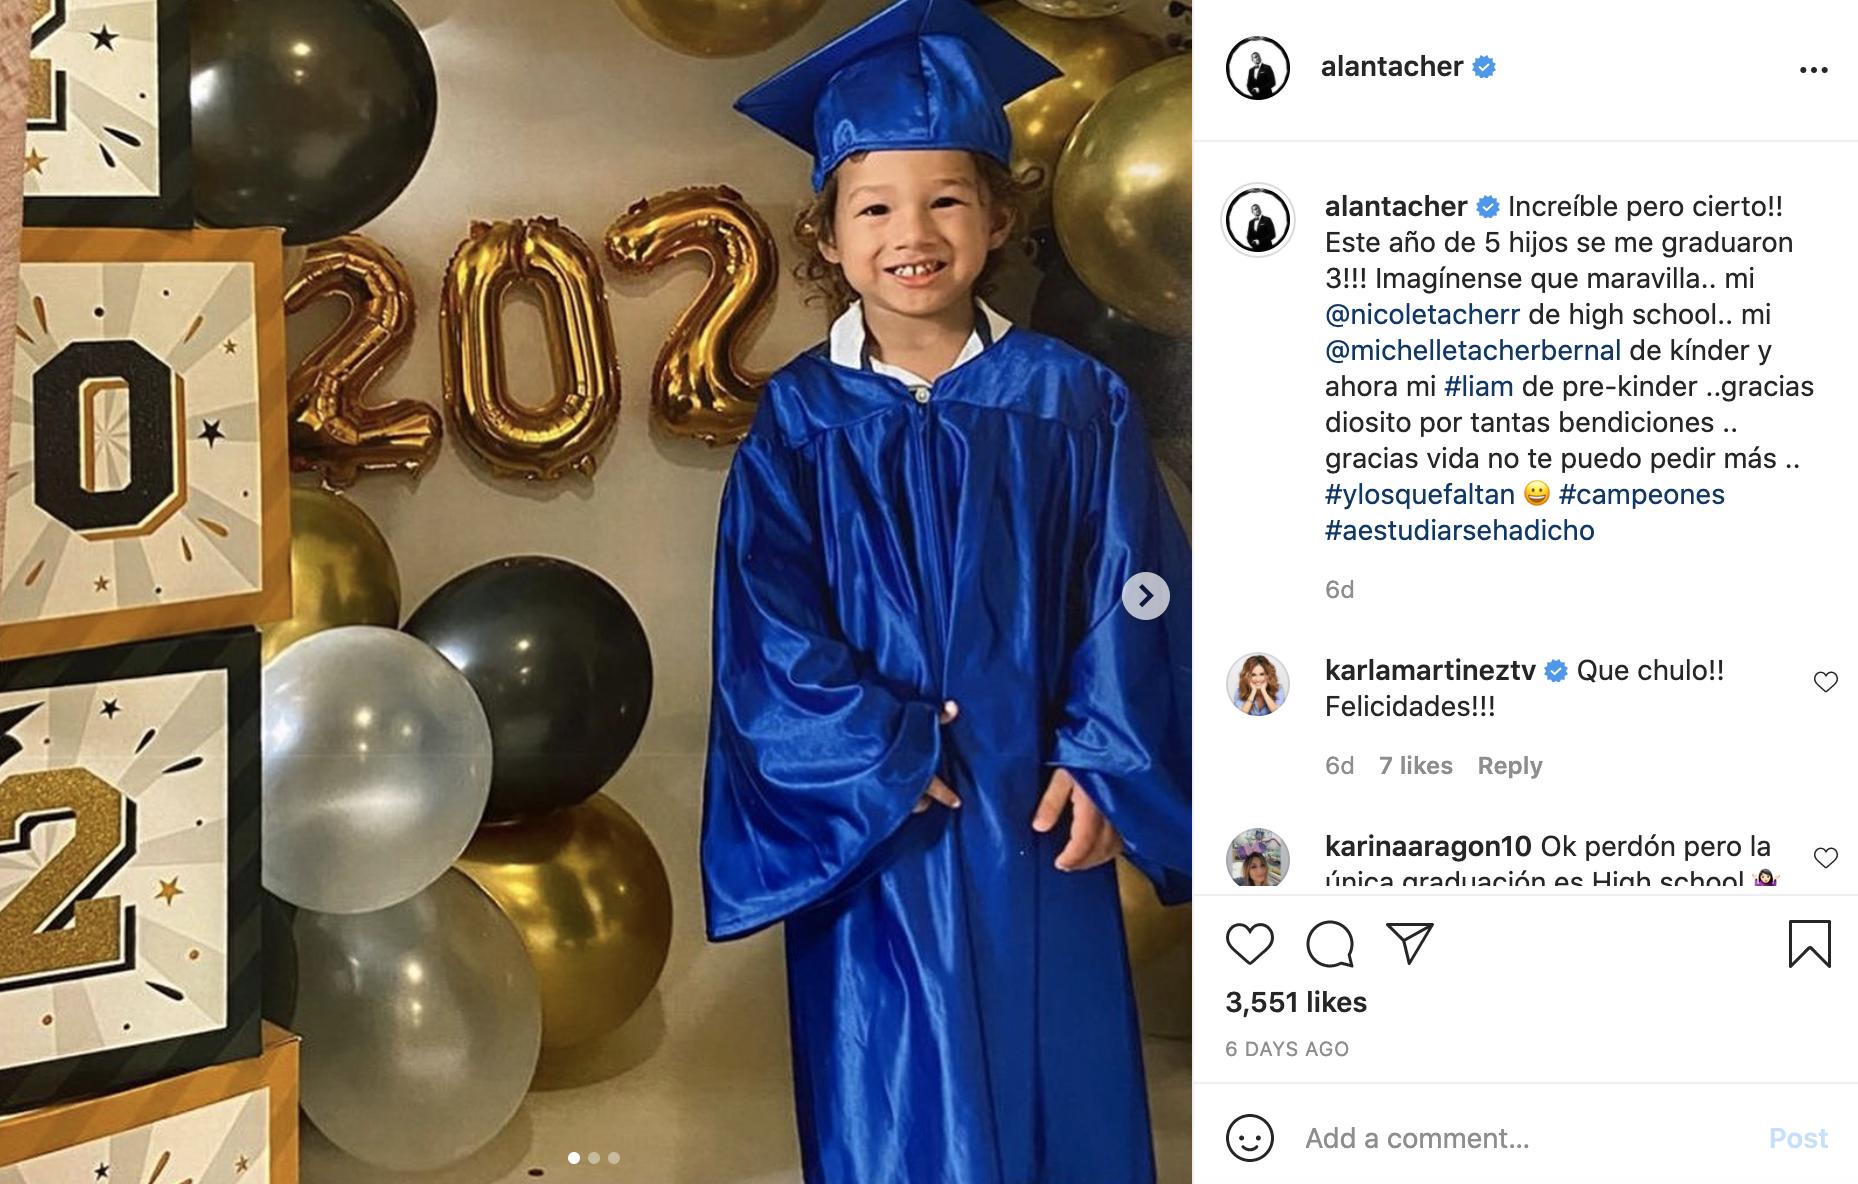 Se gradua Liam el hijo de Alan Tacher